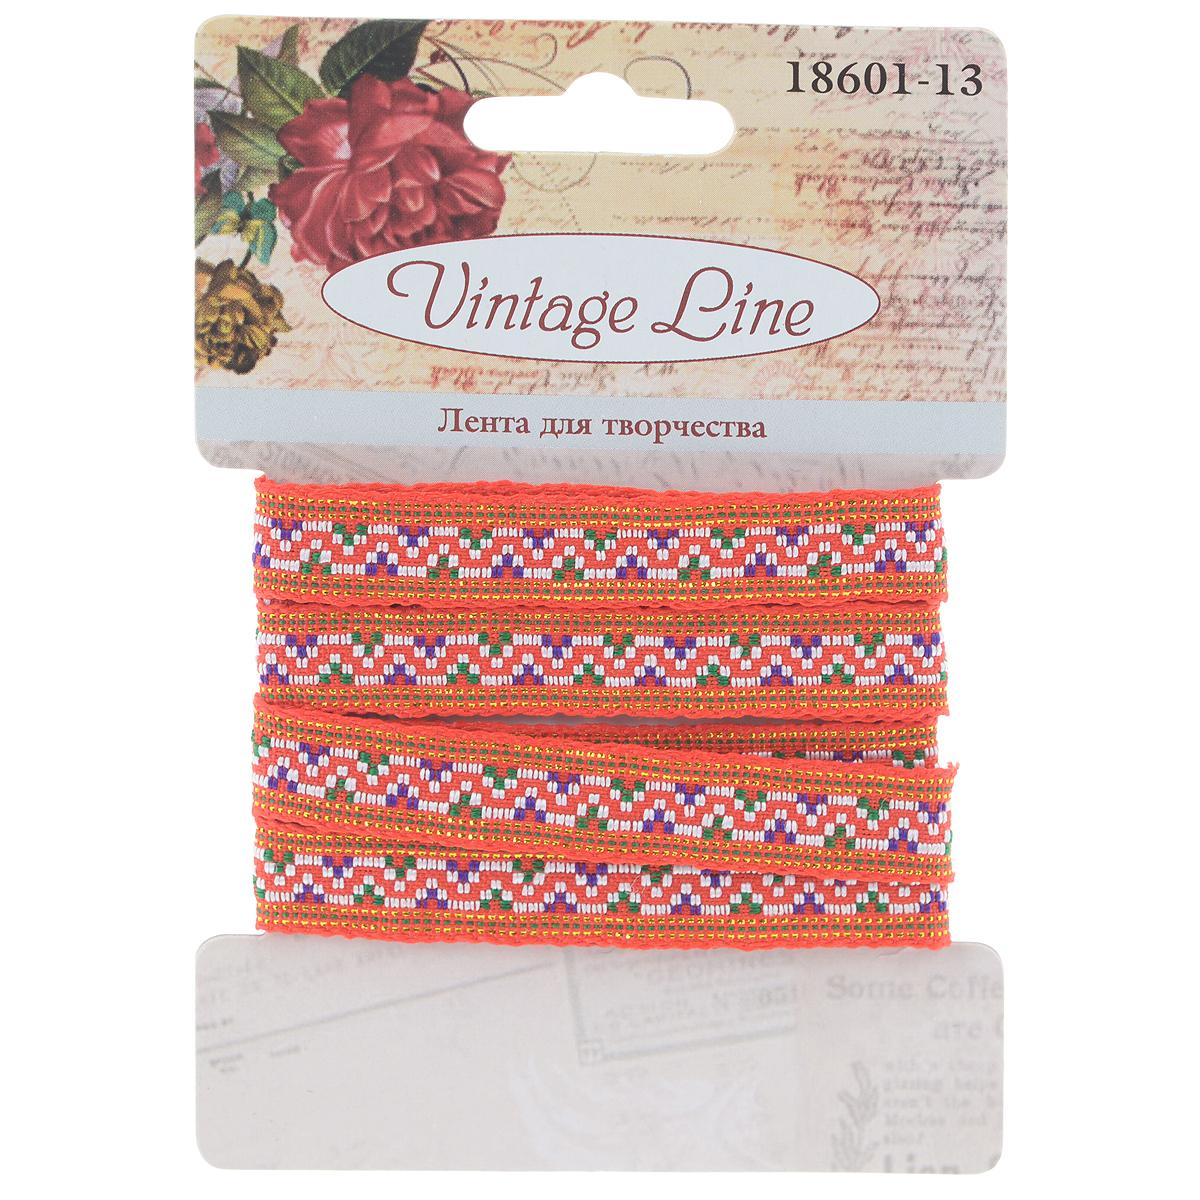 Лента декоративная Vintage Line, цвет: красный, 1,2 х 100 см55052Декоративная лента Vintage Line выполнена из текстиля и оформлена оригинальным узором. Такая лента идеально подойдет для оформления различных творческих работ таких, как скрапбукинг, аппликация, декор коробок и открыток и многое другое.Лента наивысшего качества практична в использовании. Она станет незаменимым элементом в создании рукотворного шедевра. Ширина: 1,2 см.Длина: 1 м.